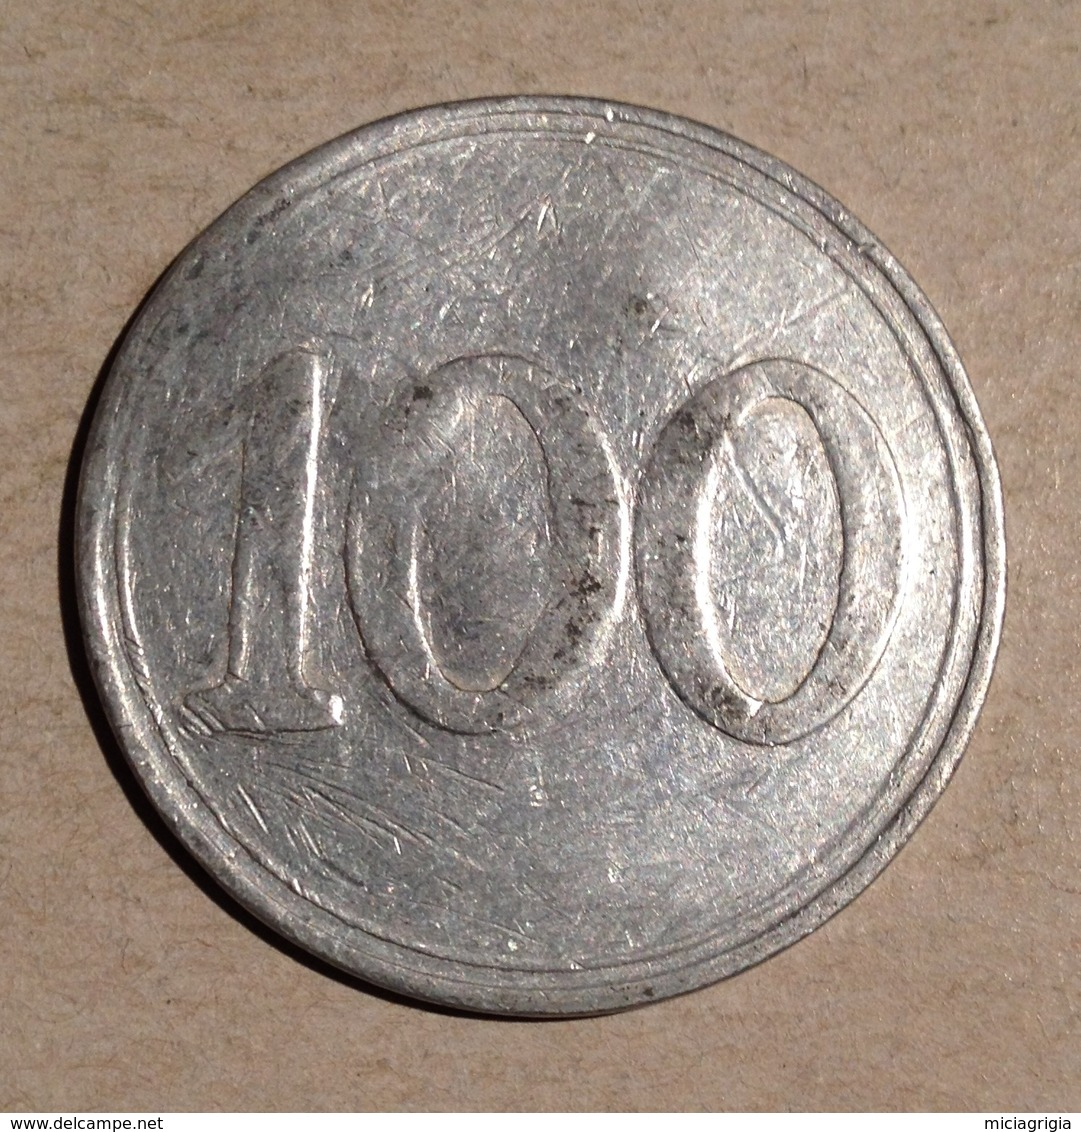 TOKEN JETON GETTONE 100 LIRE ALLUMINIO CON CONTROMARCA L. T. - Gettoni E Medaglie